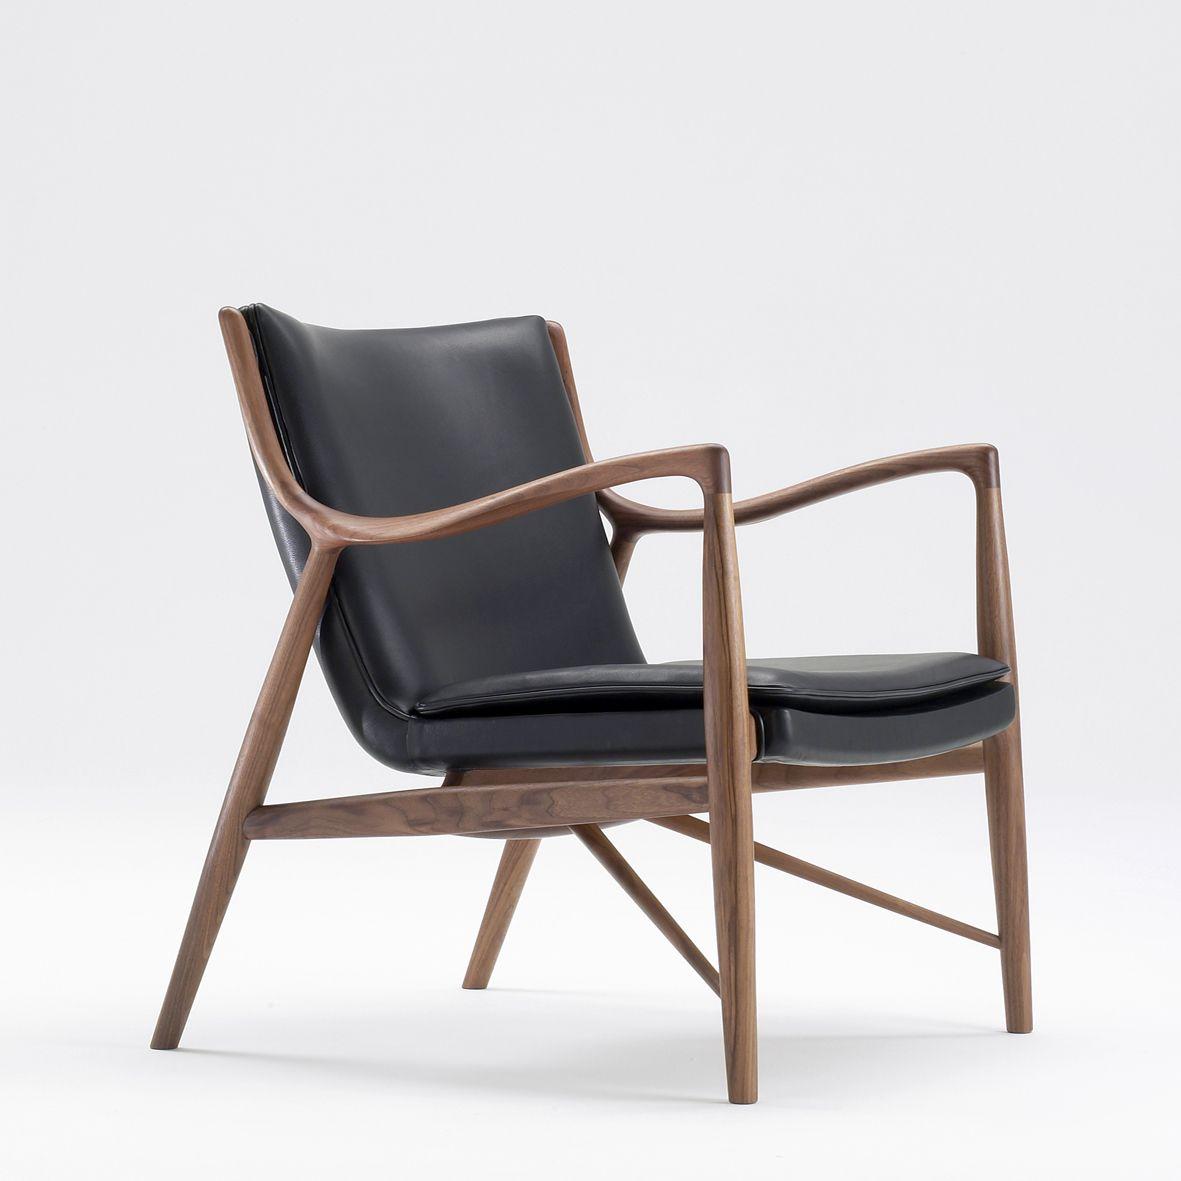 Finn Juhl 45 Chair Sillas Pinterest Sillas Butacas